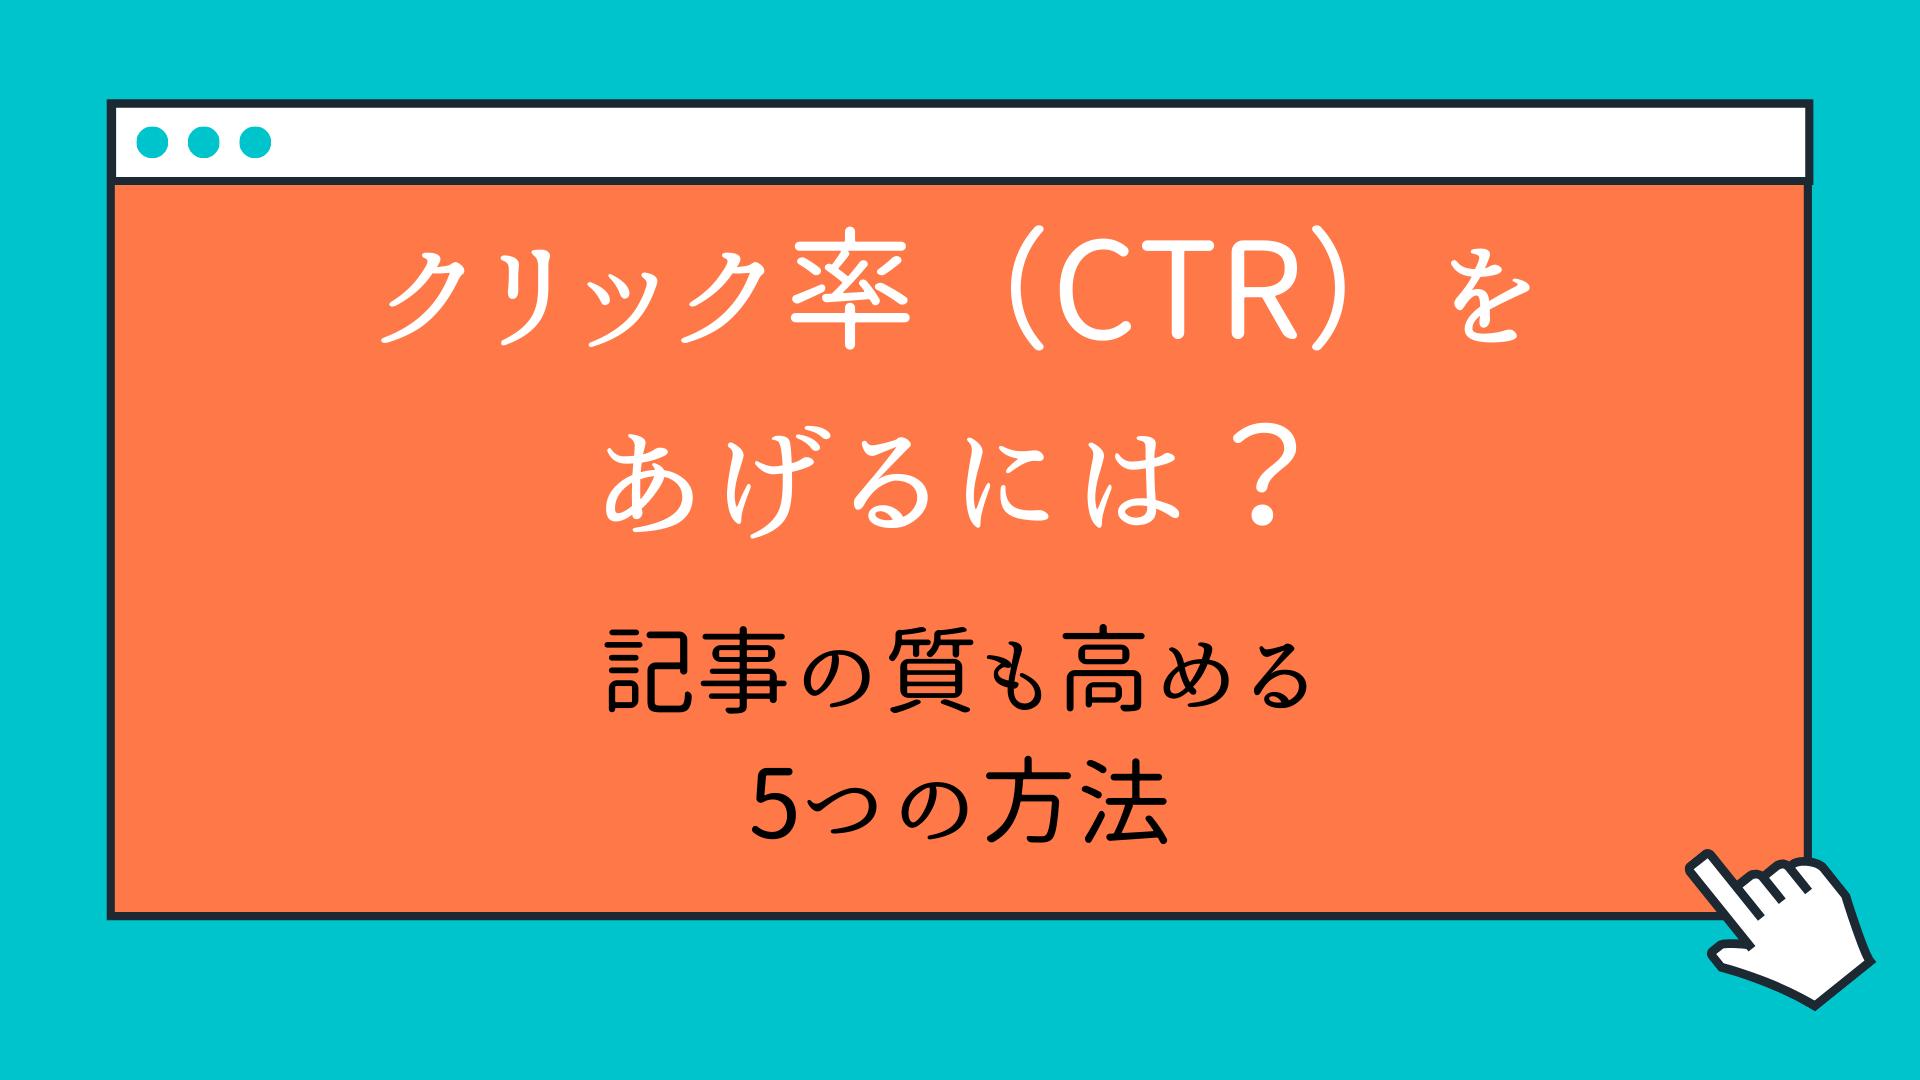 CTRを上げる方法